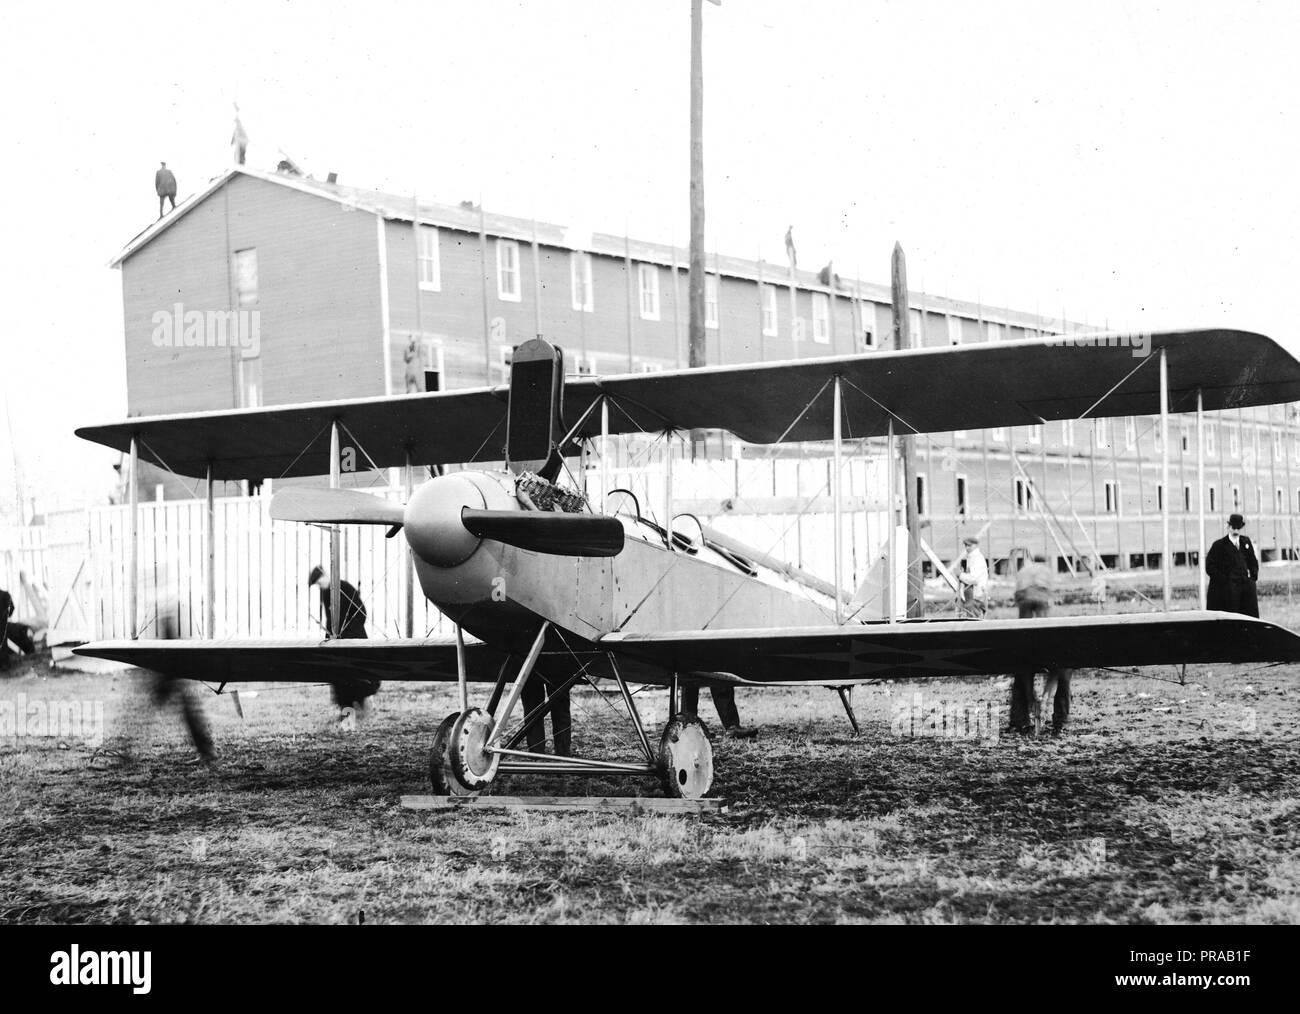 1917-1922 Types of airplanes. J.R 2, Standard Aero Corp., Elizabeth, N.J - Stock Image